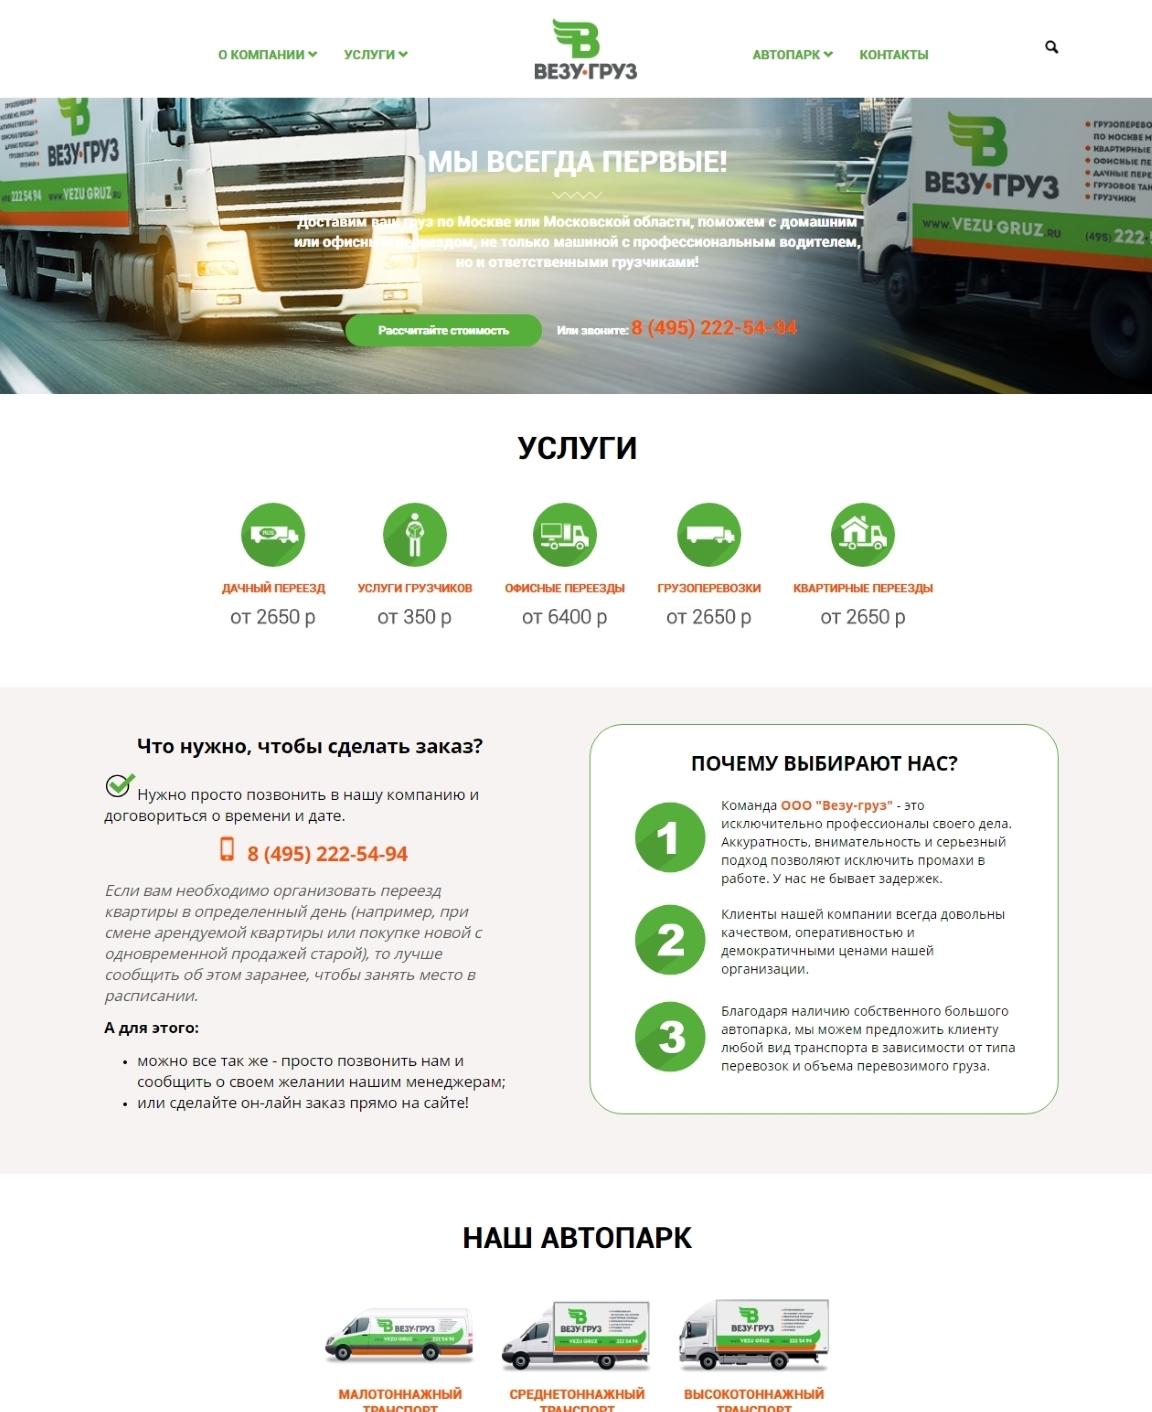 Сайт мувинговой компании Везу-груз